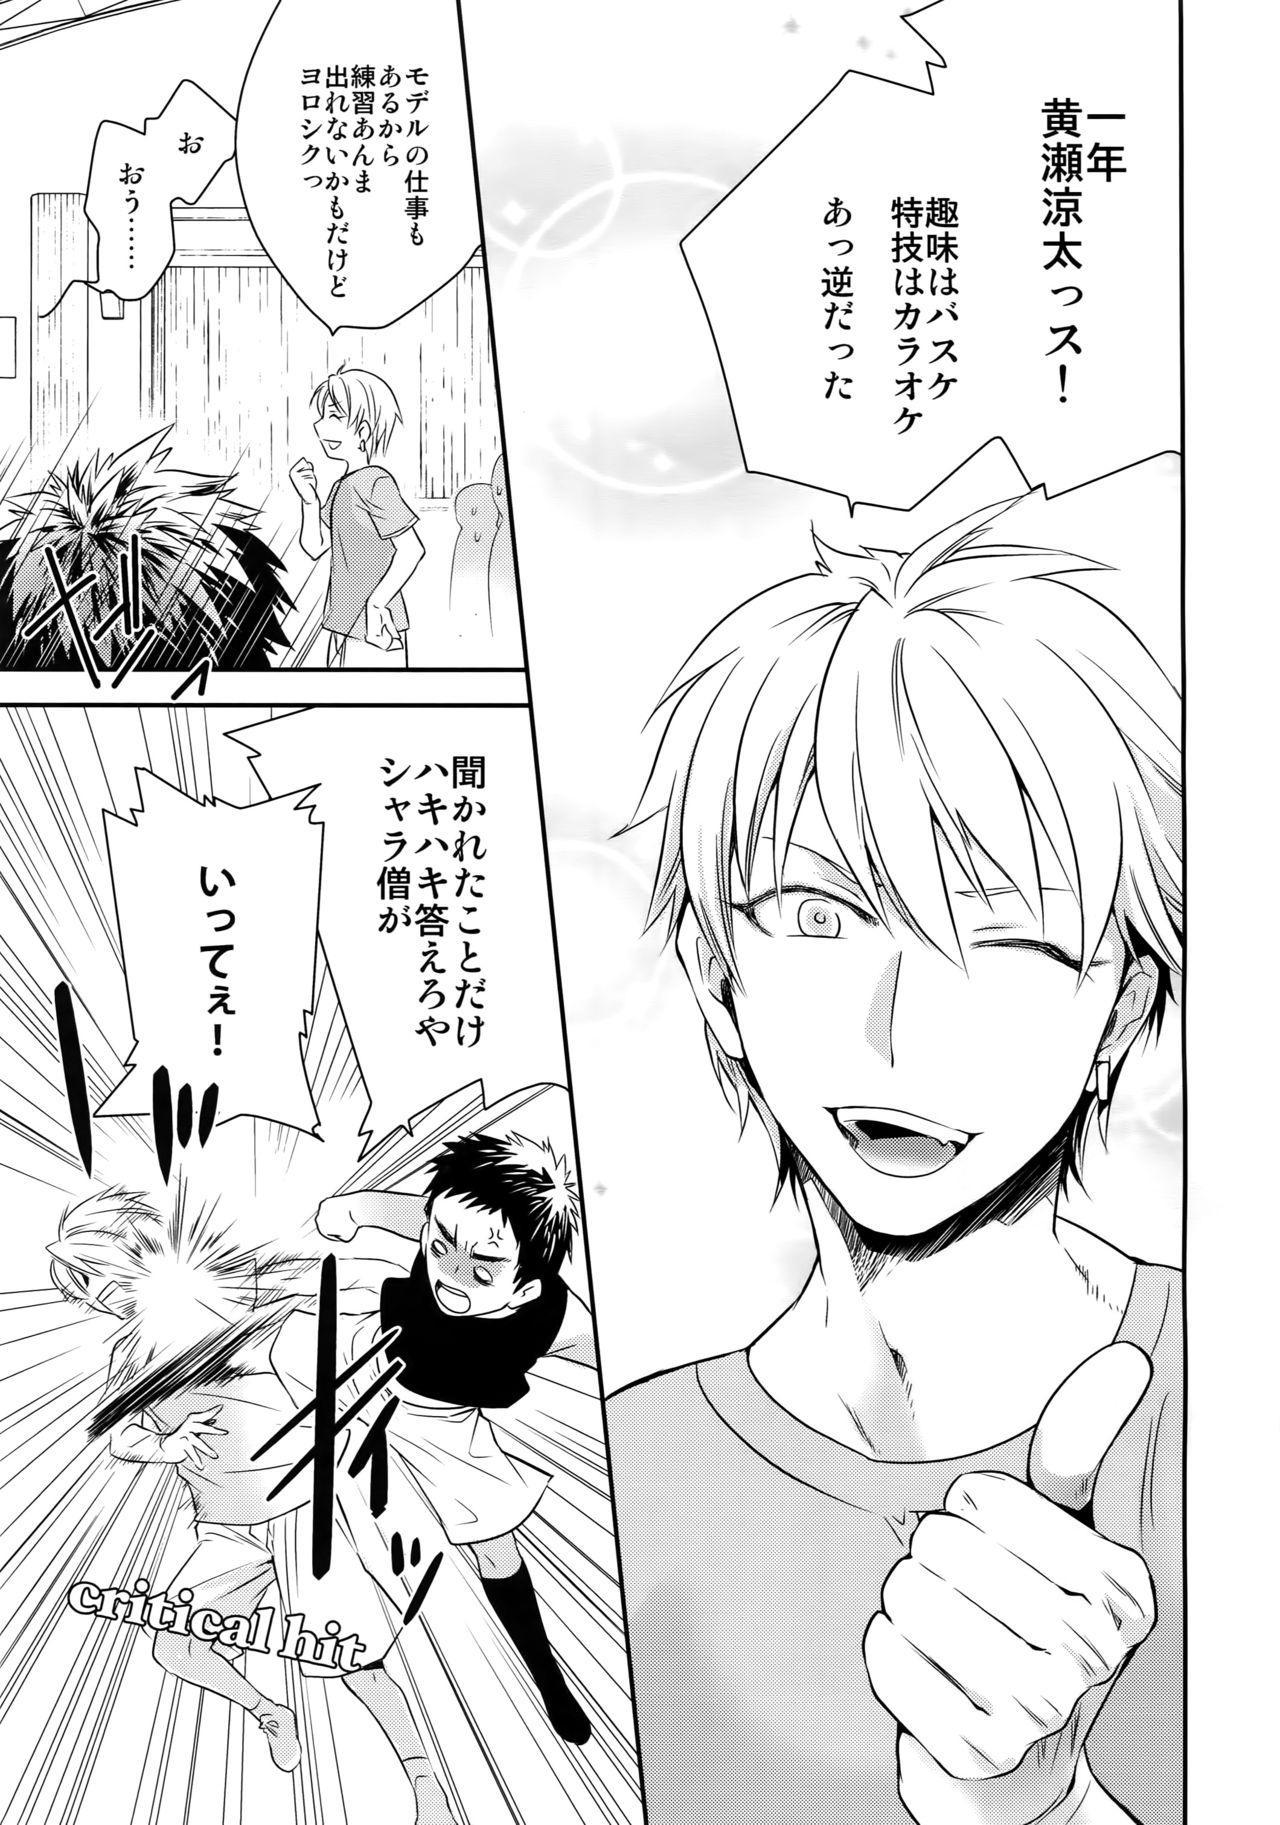 [Bakuchi Jinsei SP (Satsuki Fumi)] Kanpeki Kareshi to Zettai Ryouiki Ouji-sama - Another Version - (Kuroko no Basket) 7